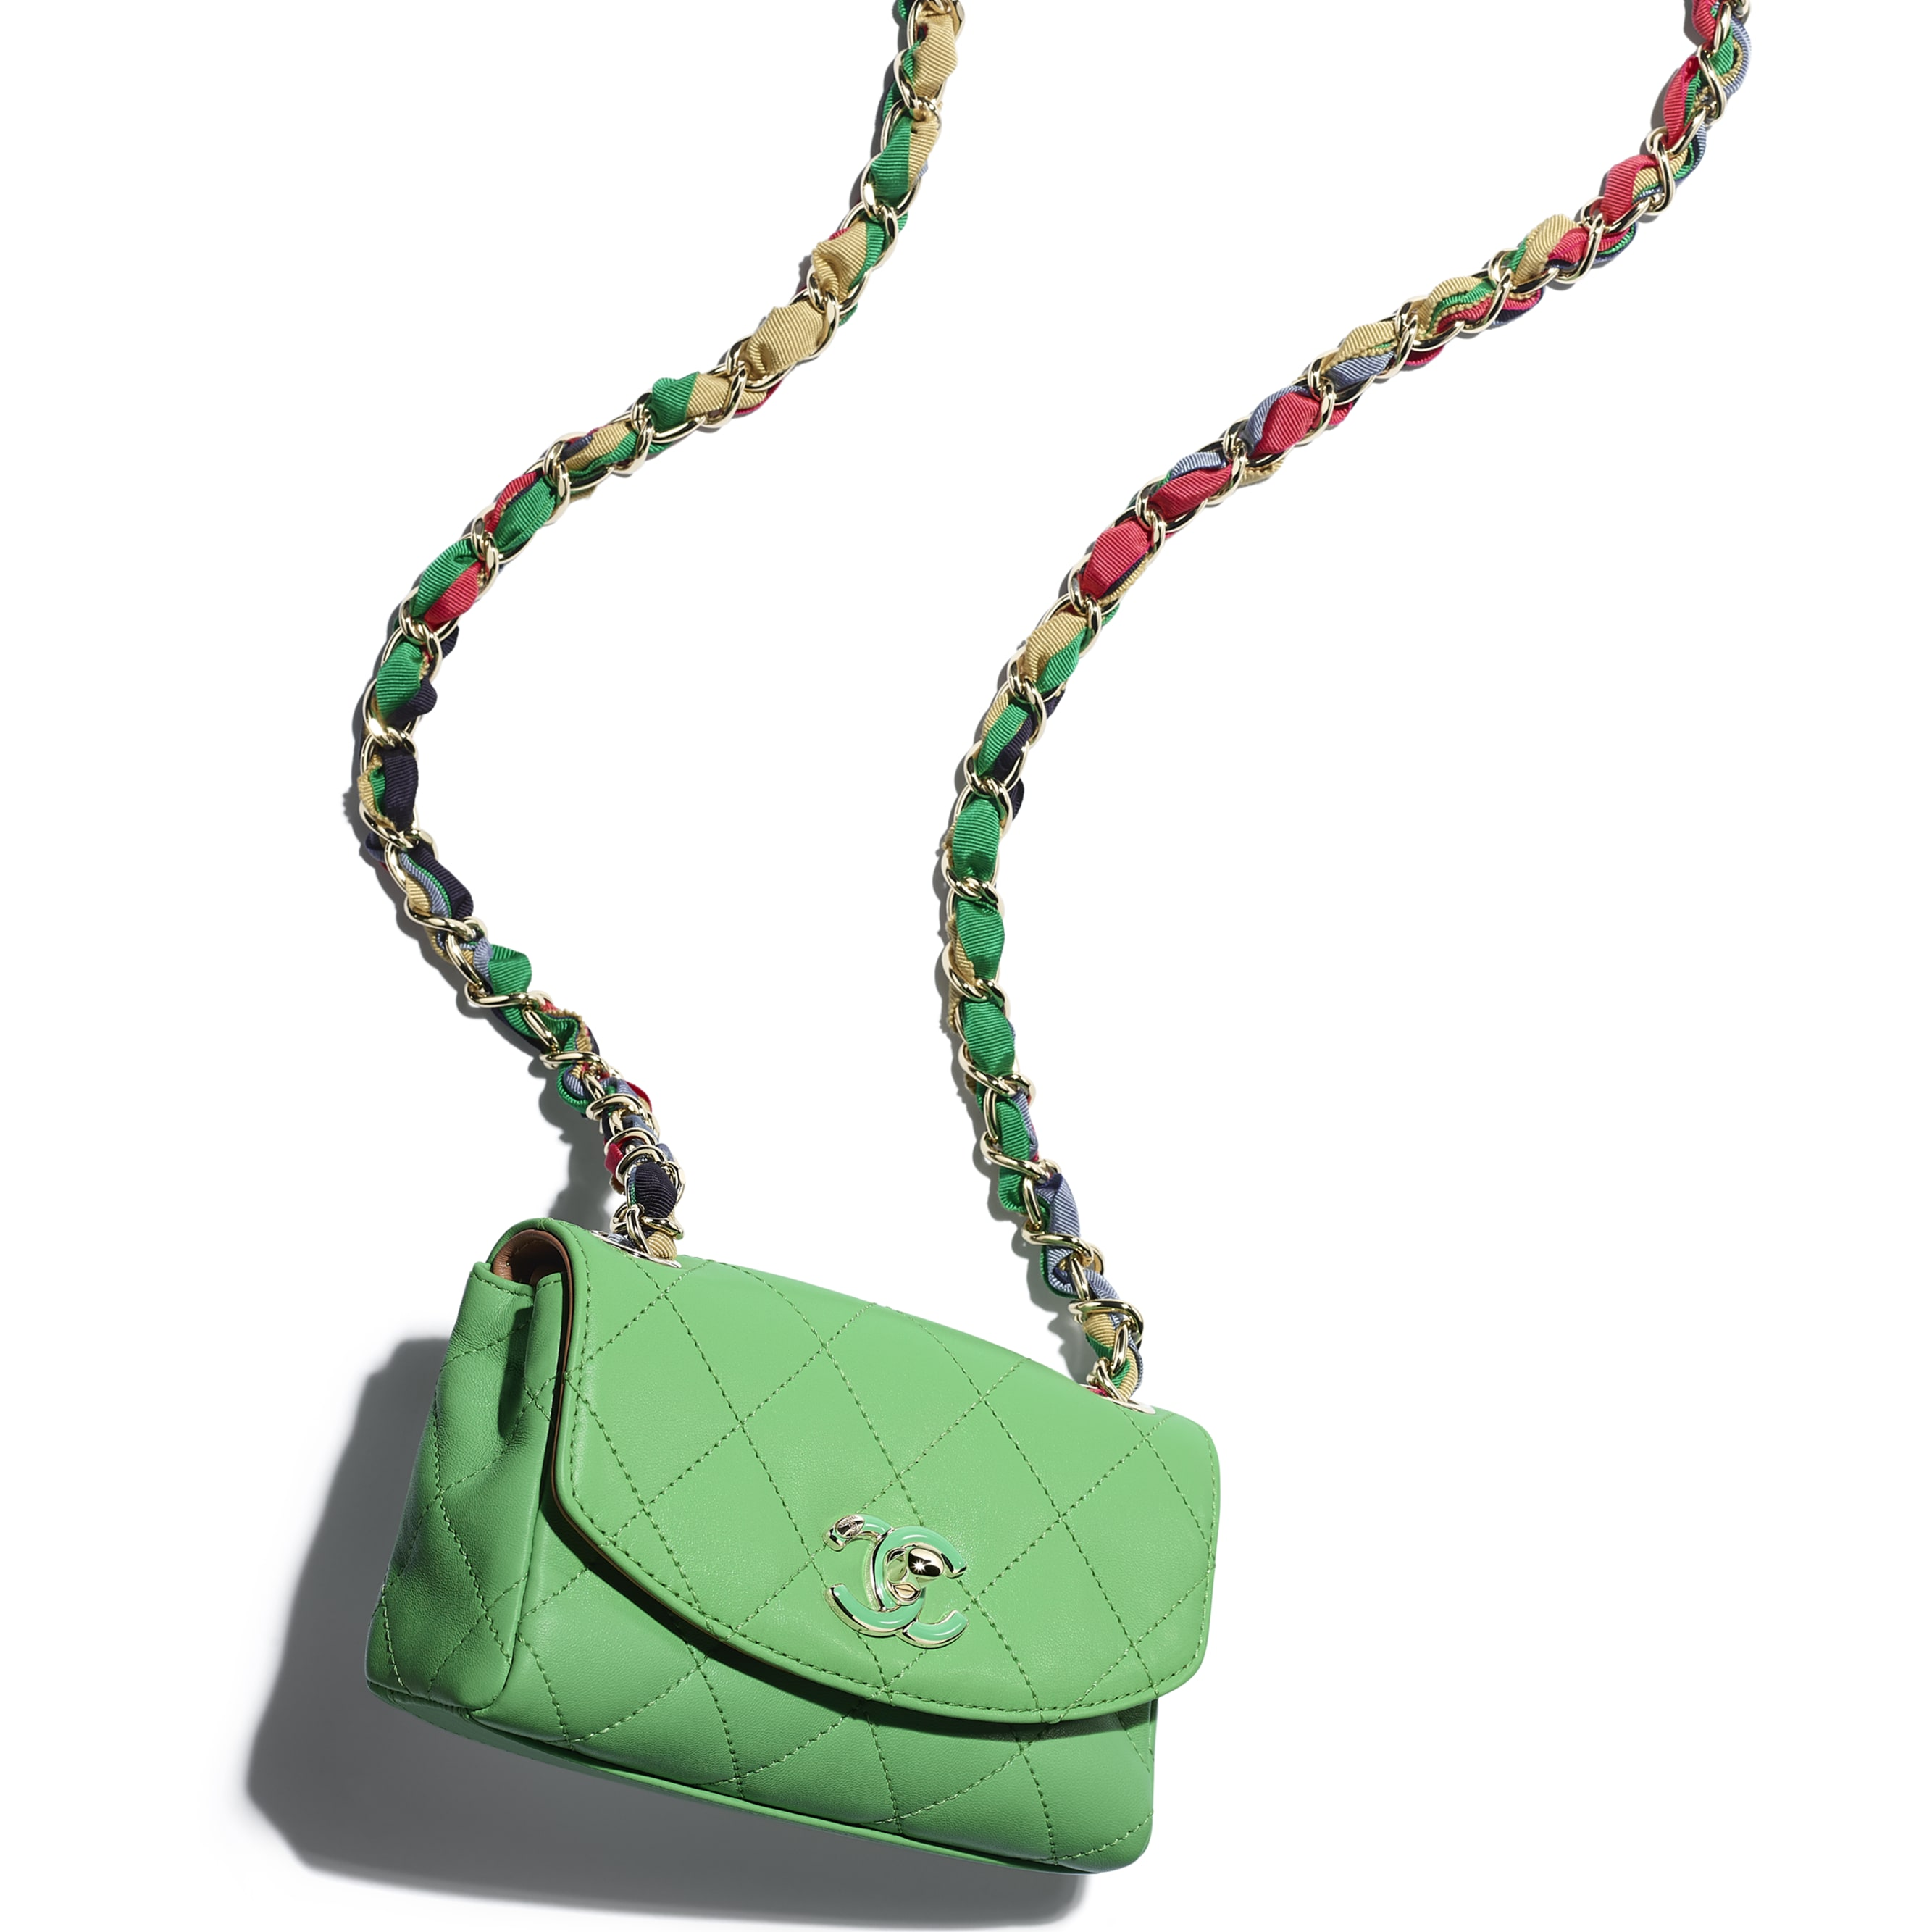 Petit sac à rabat - Vert - Agneau, fibres mélangées & métal doré - CHANEL - Vue supplémentaire - voir la version taille standard